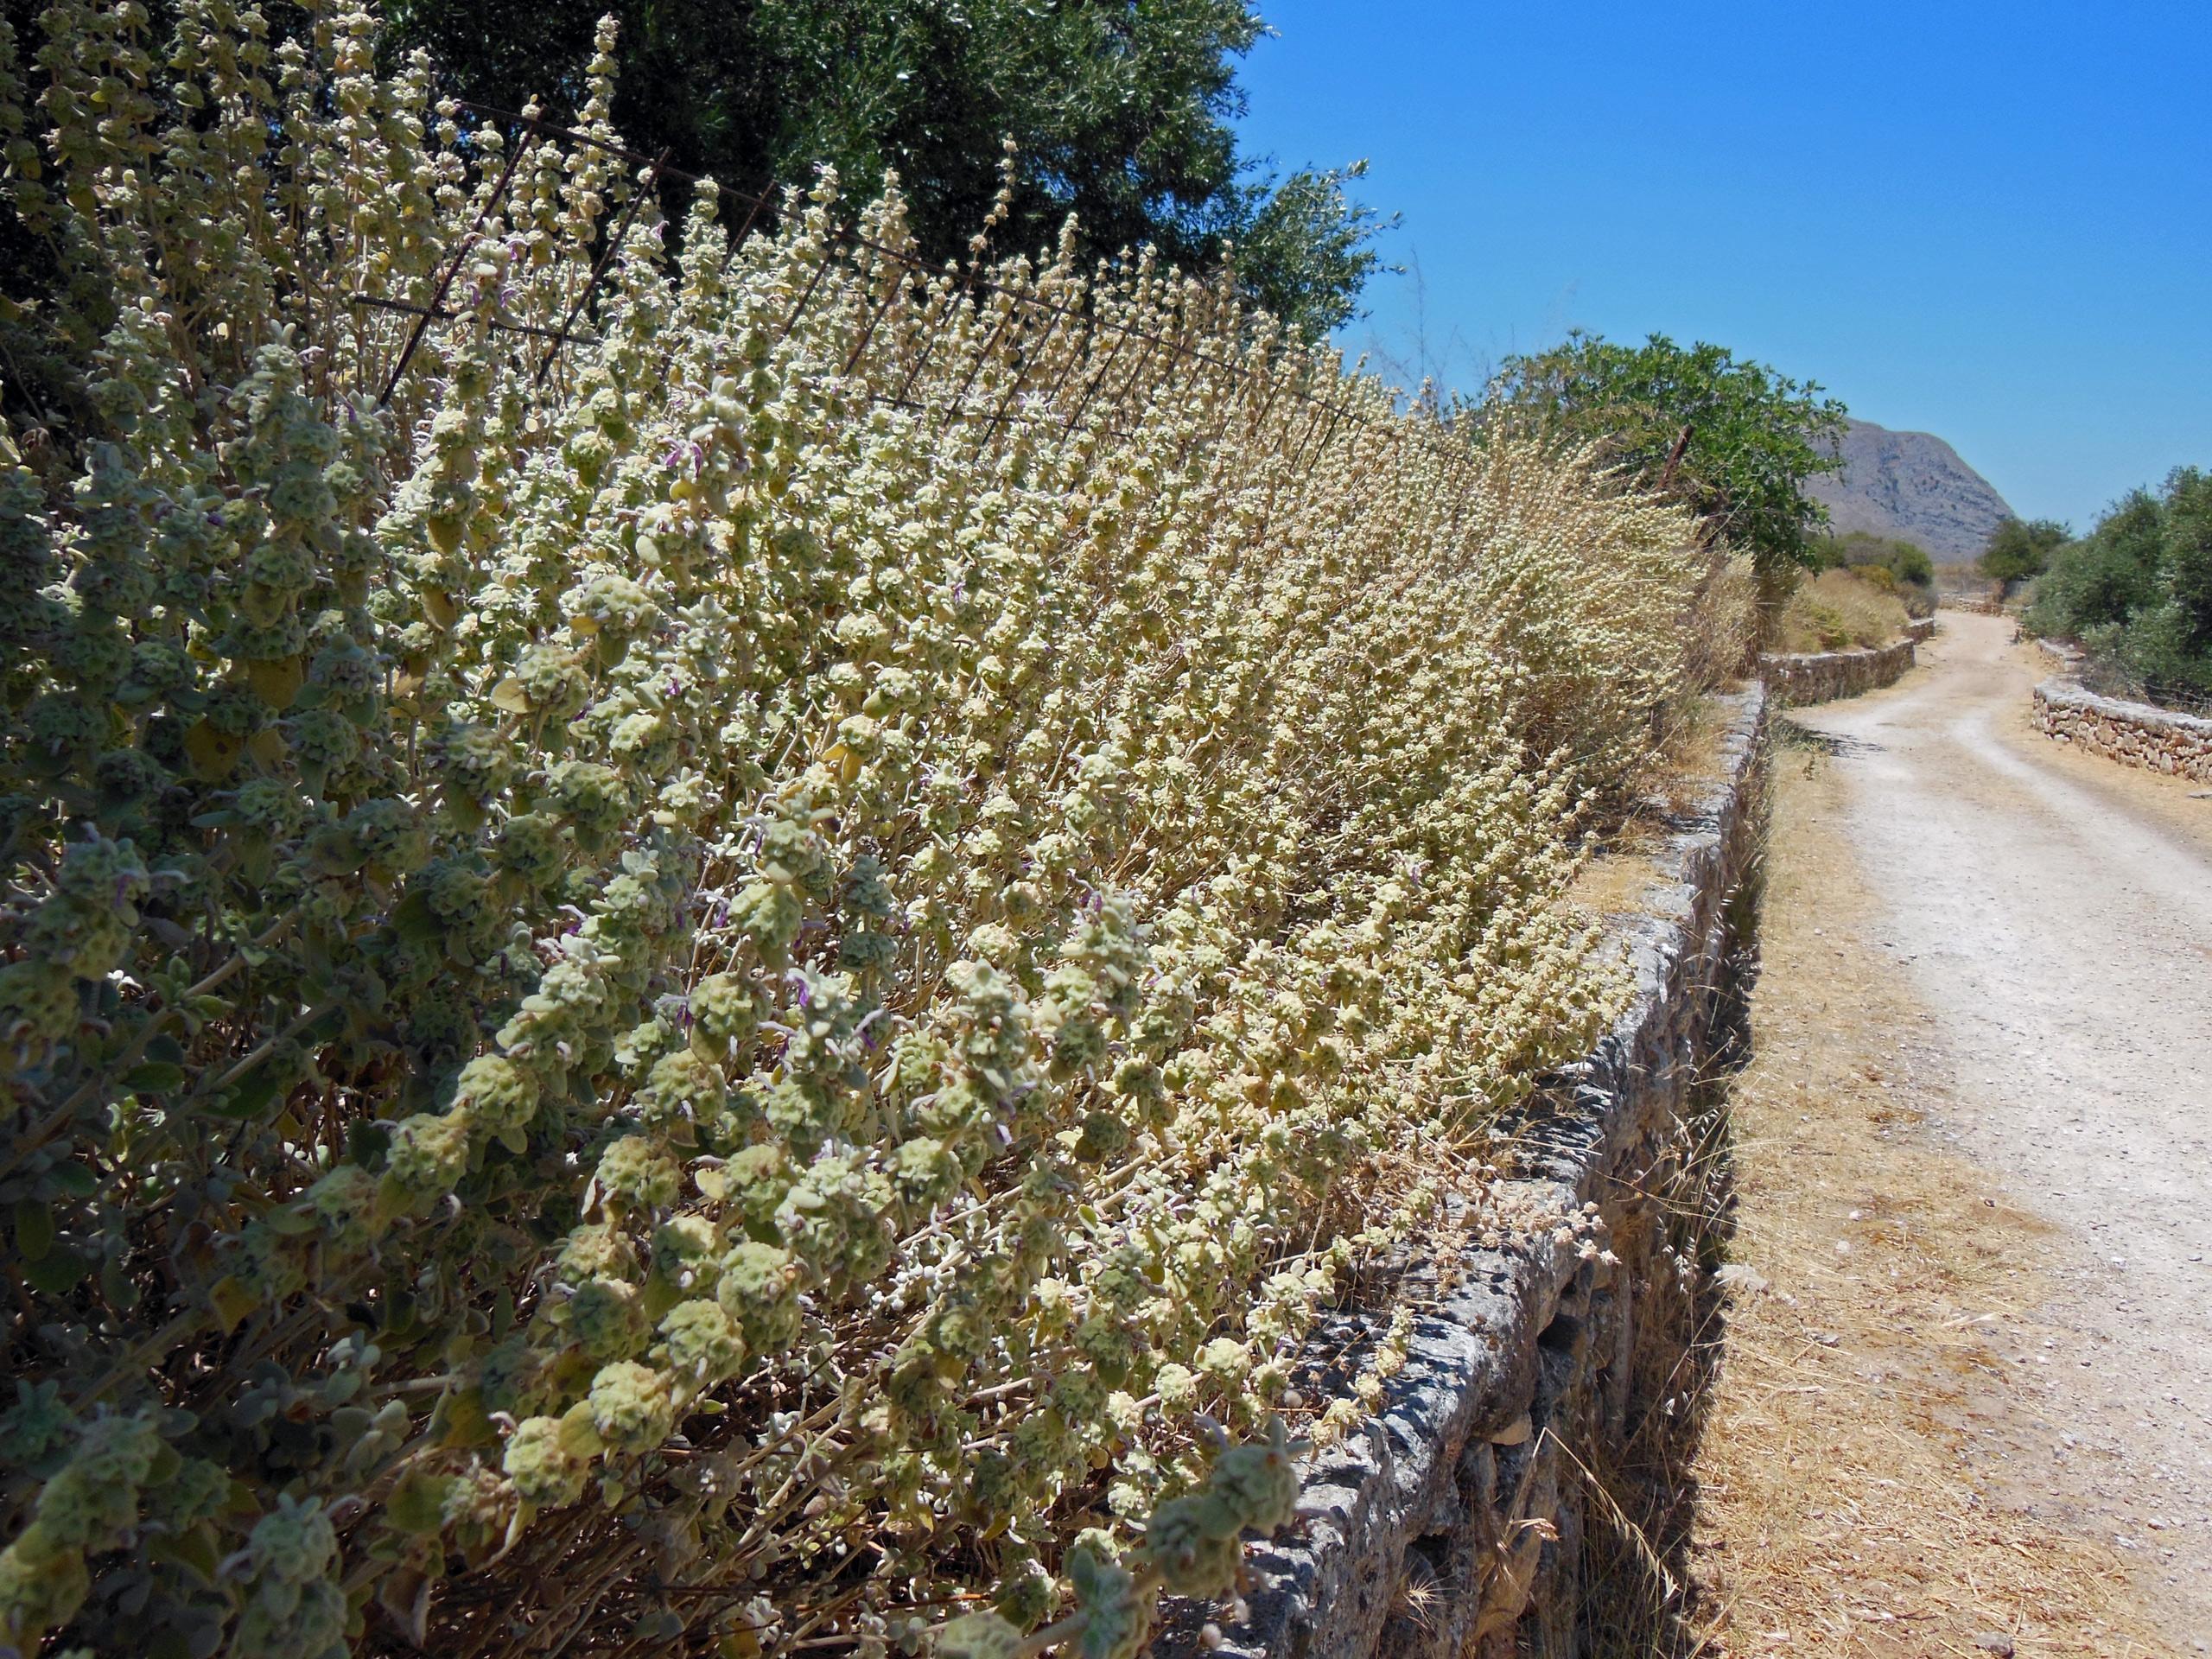 Kreta-29.06.12---13.07.12-380